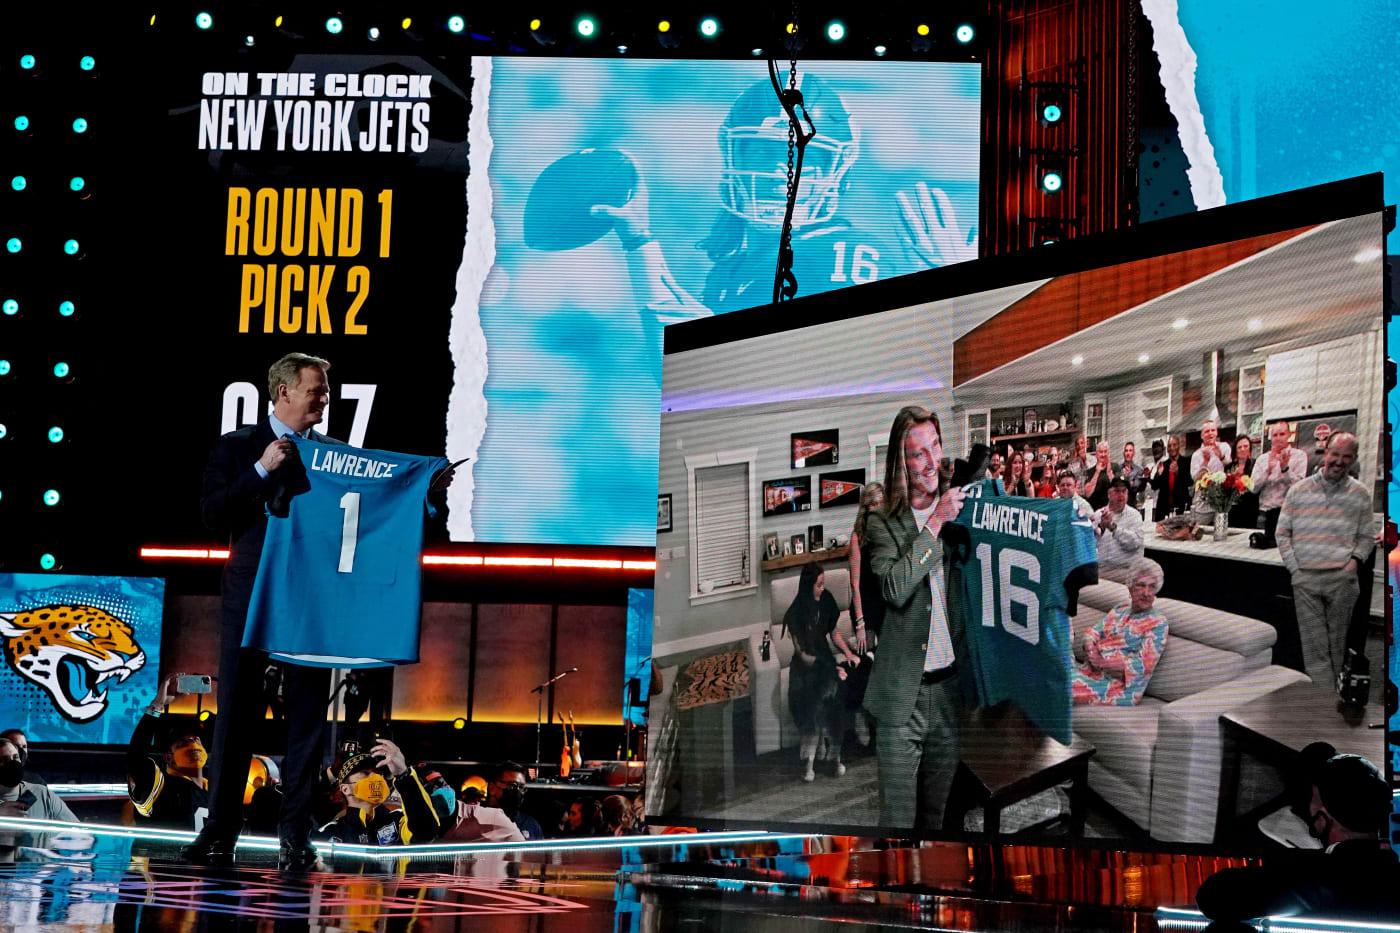 Roger Goodell Trevor Lawrence NFL Draft 2021